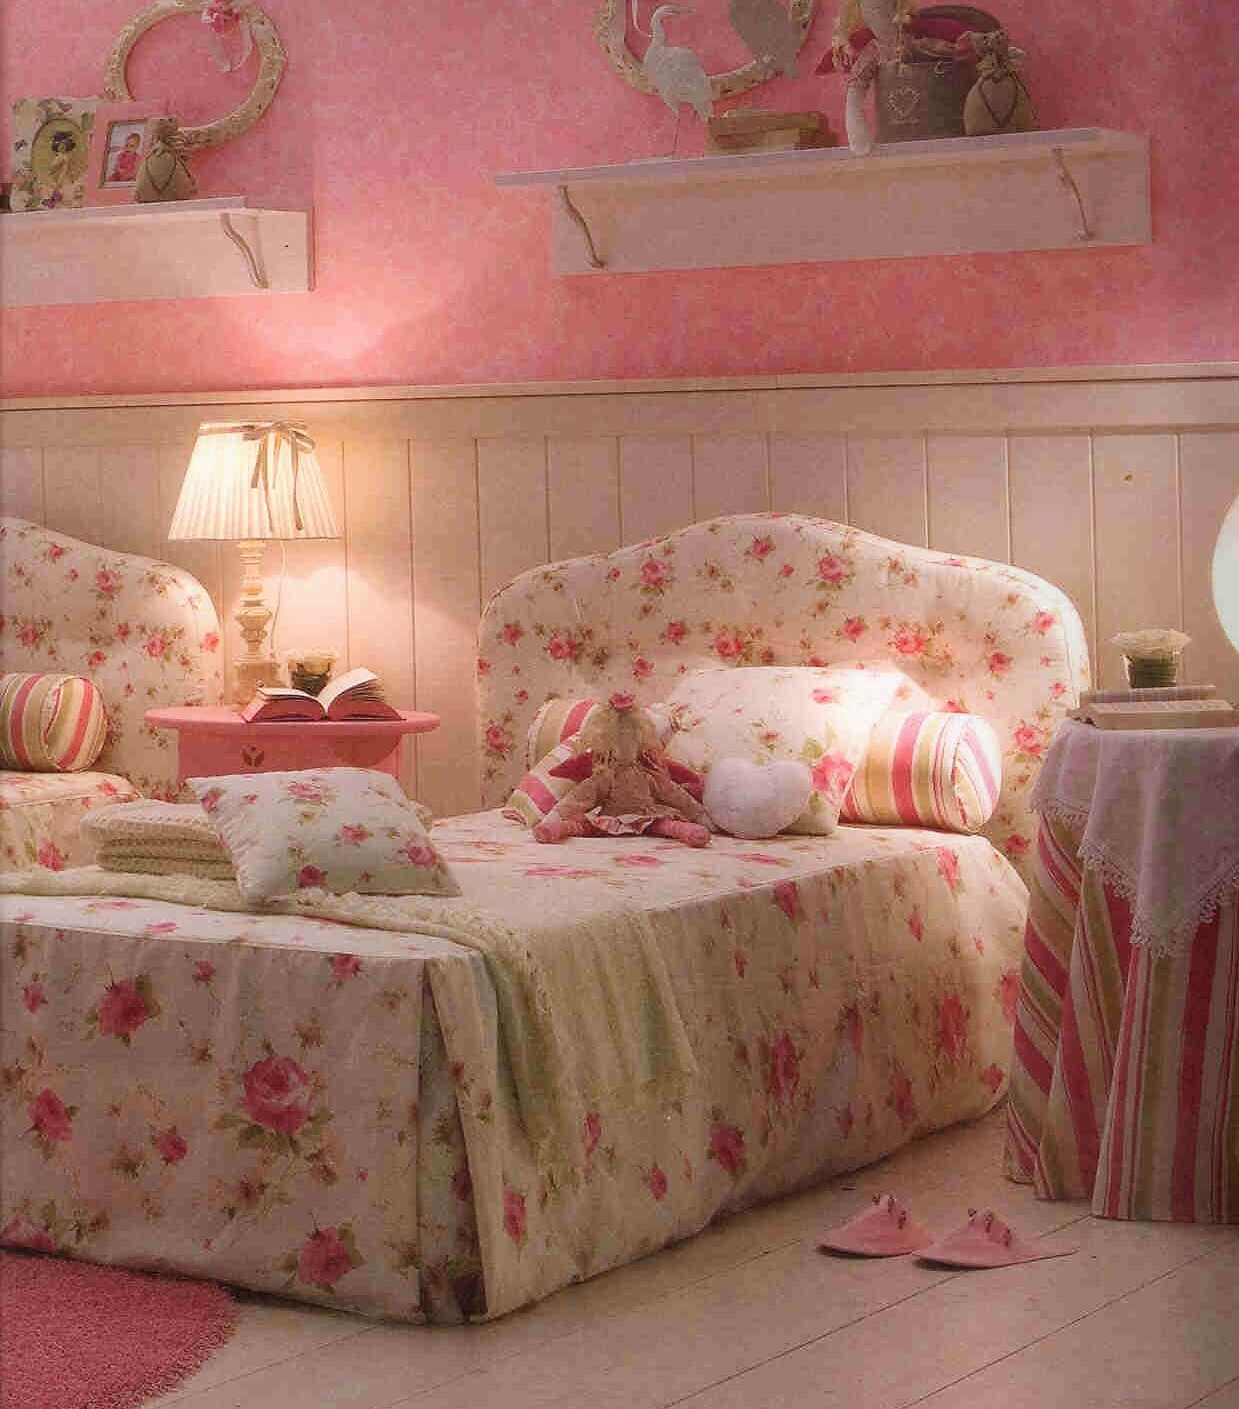 Dimensioni letto a una piazza e mezza idees camera letto - Dimensione letto una piazza e mezzo ...